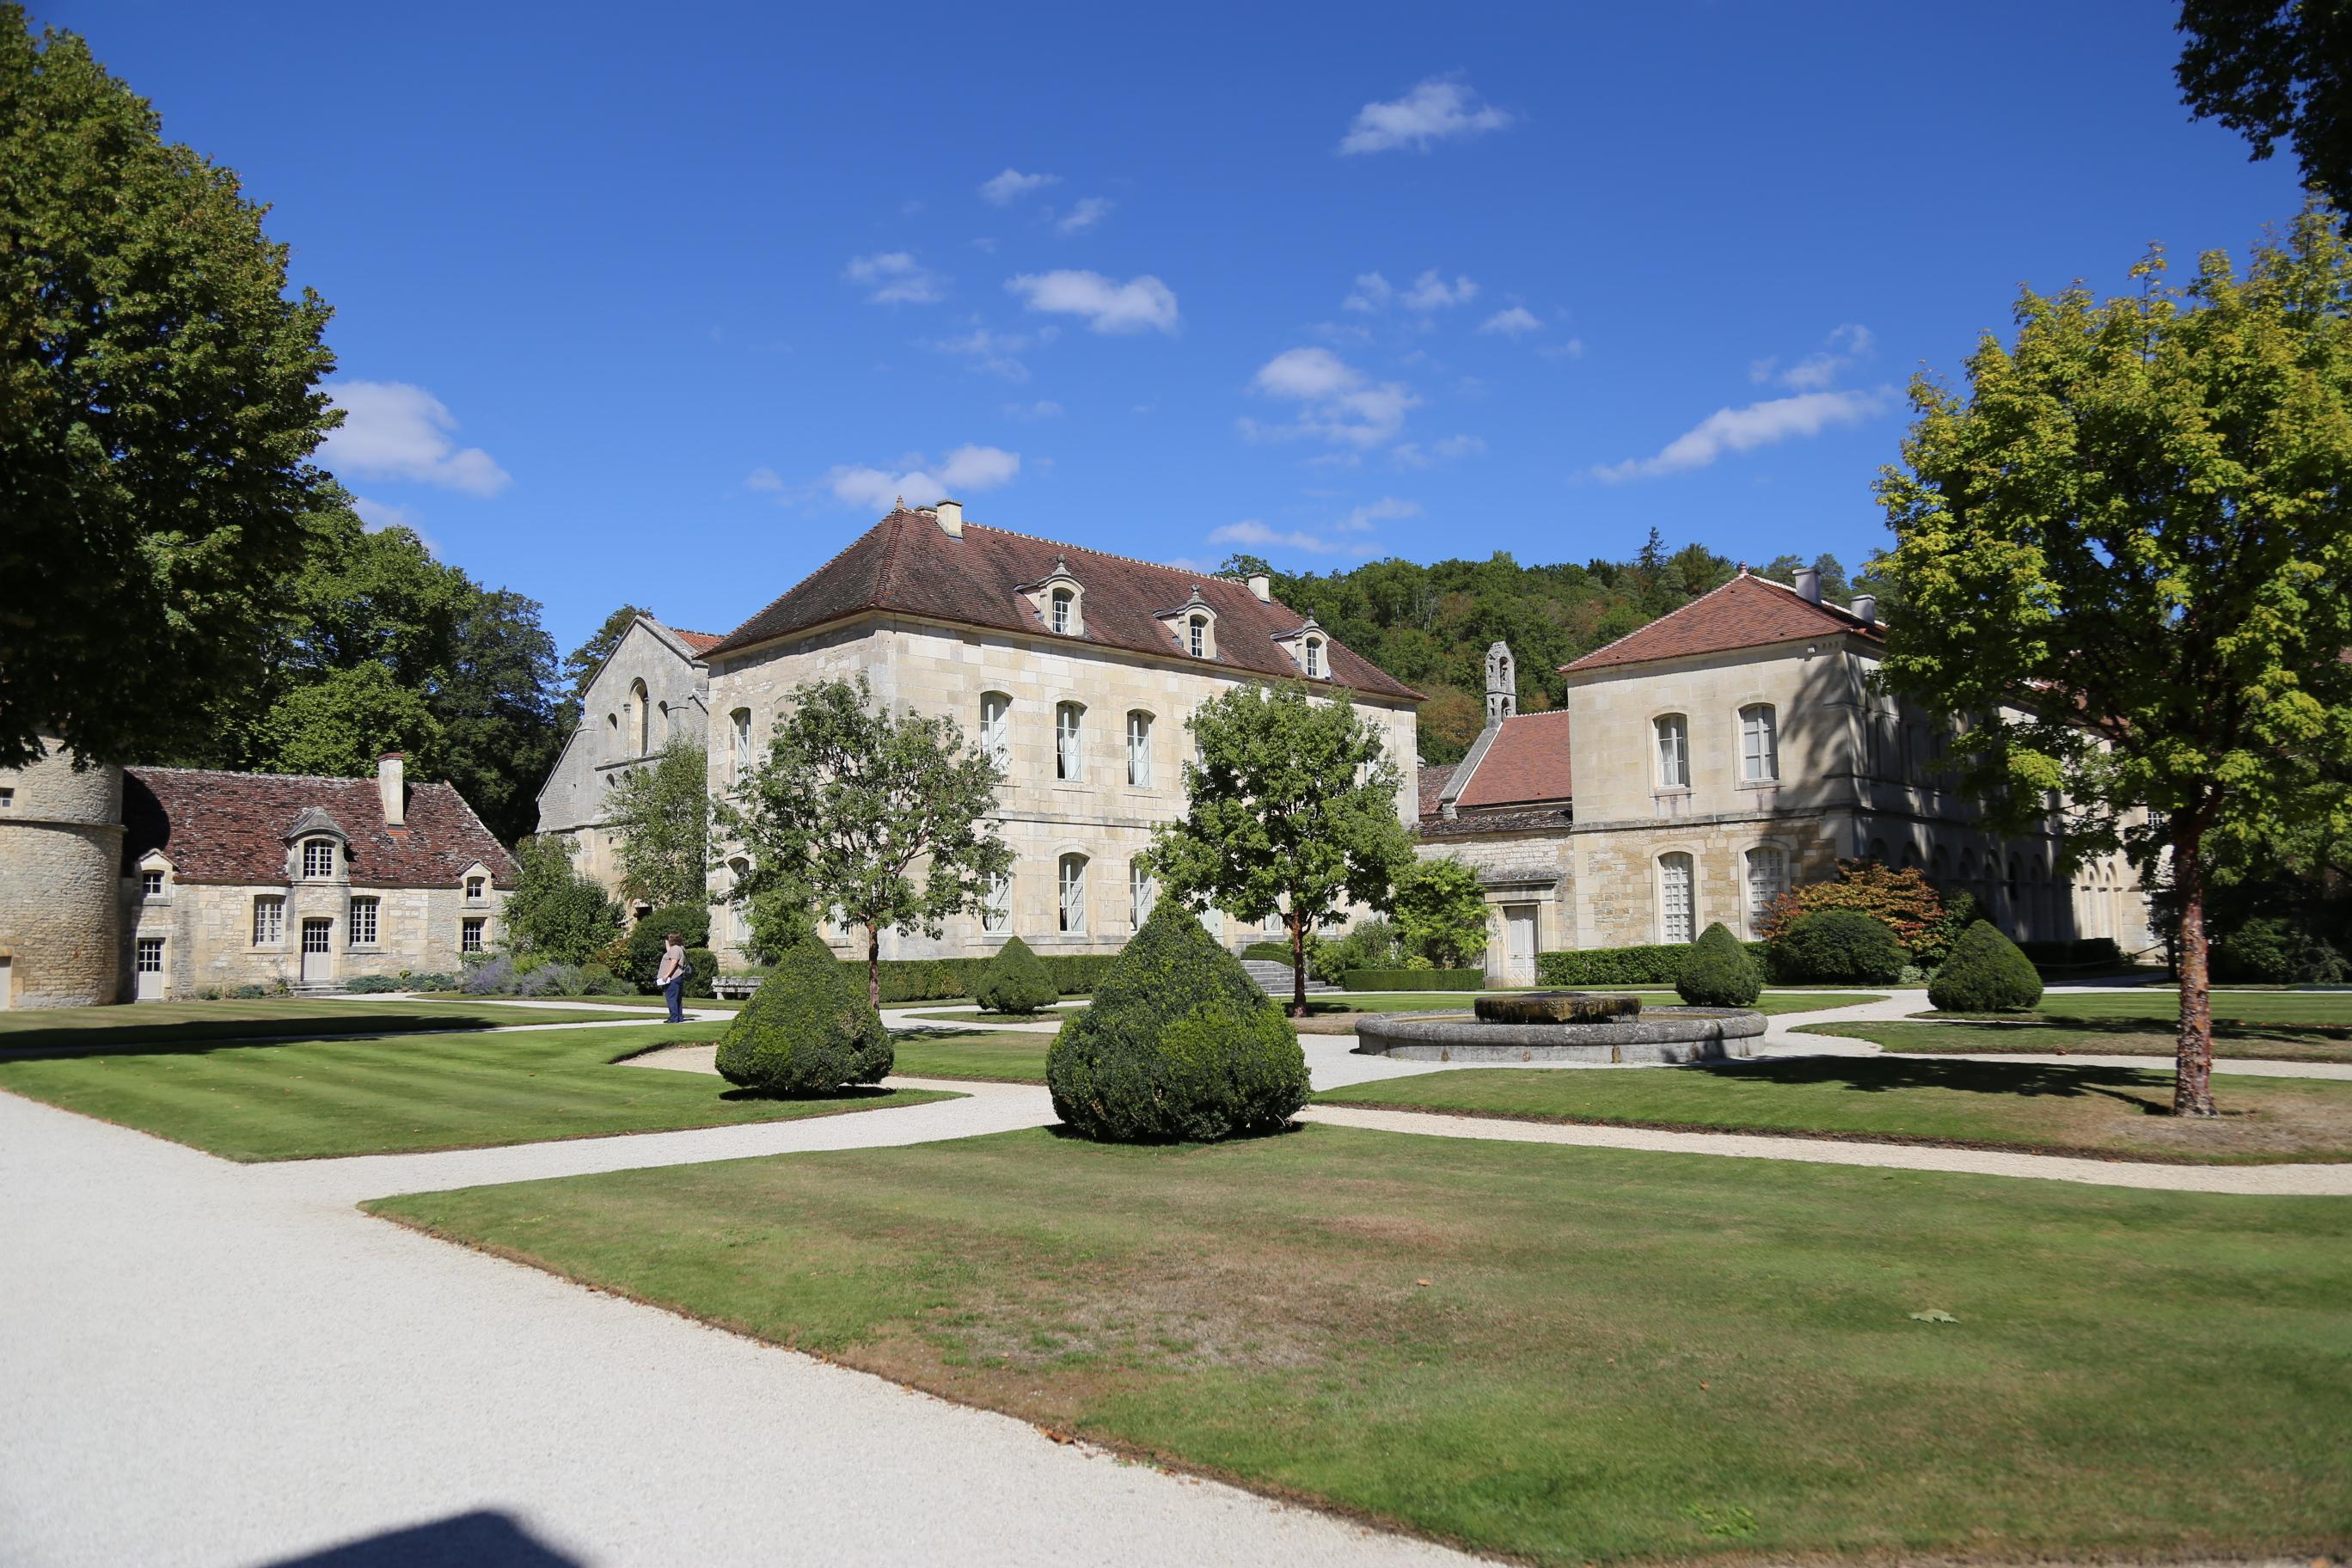 퐁트네 수도원 (Abbaye de Fontenay)